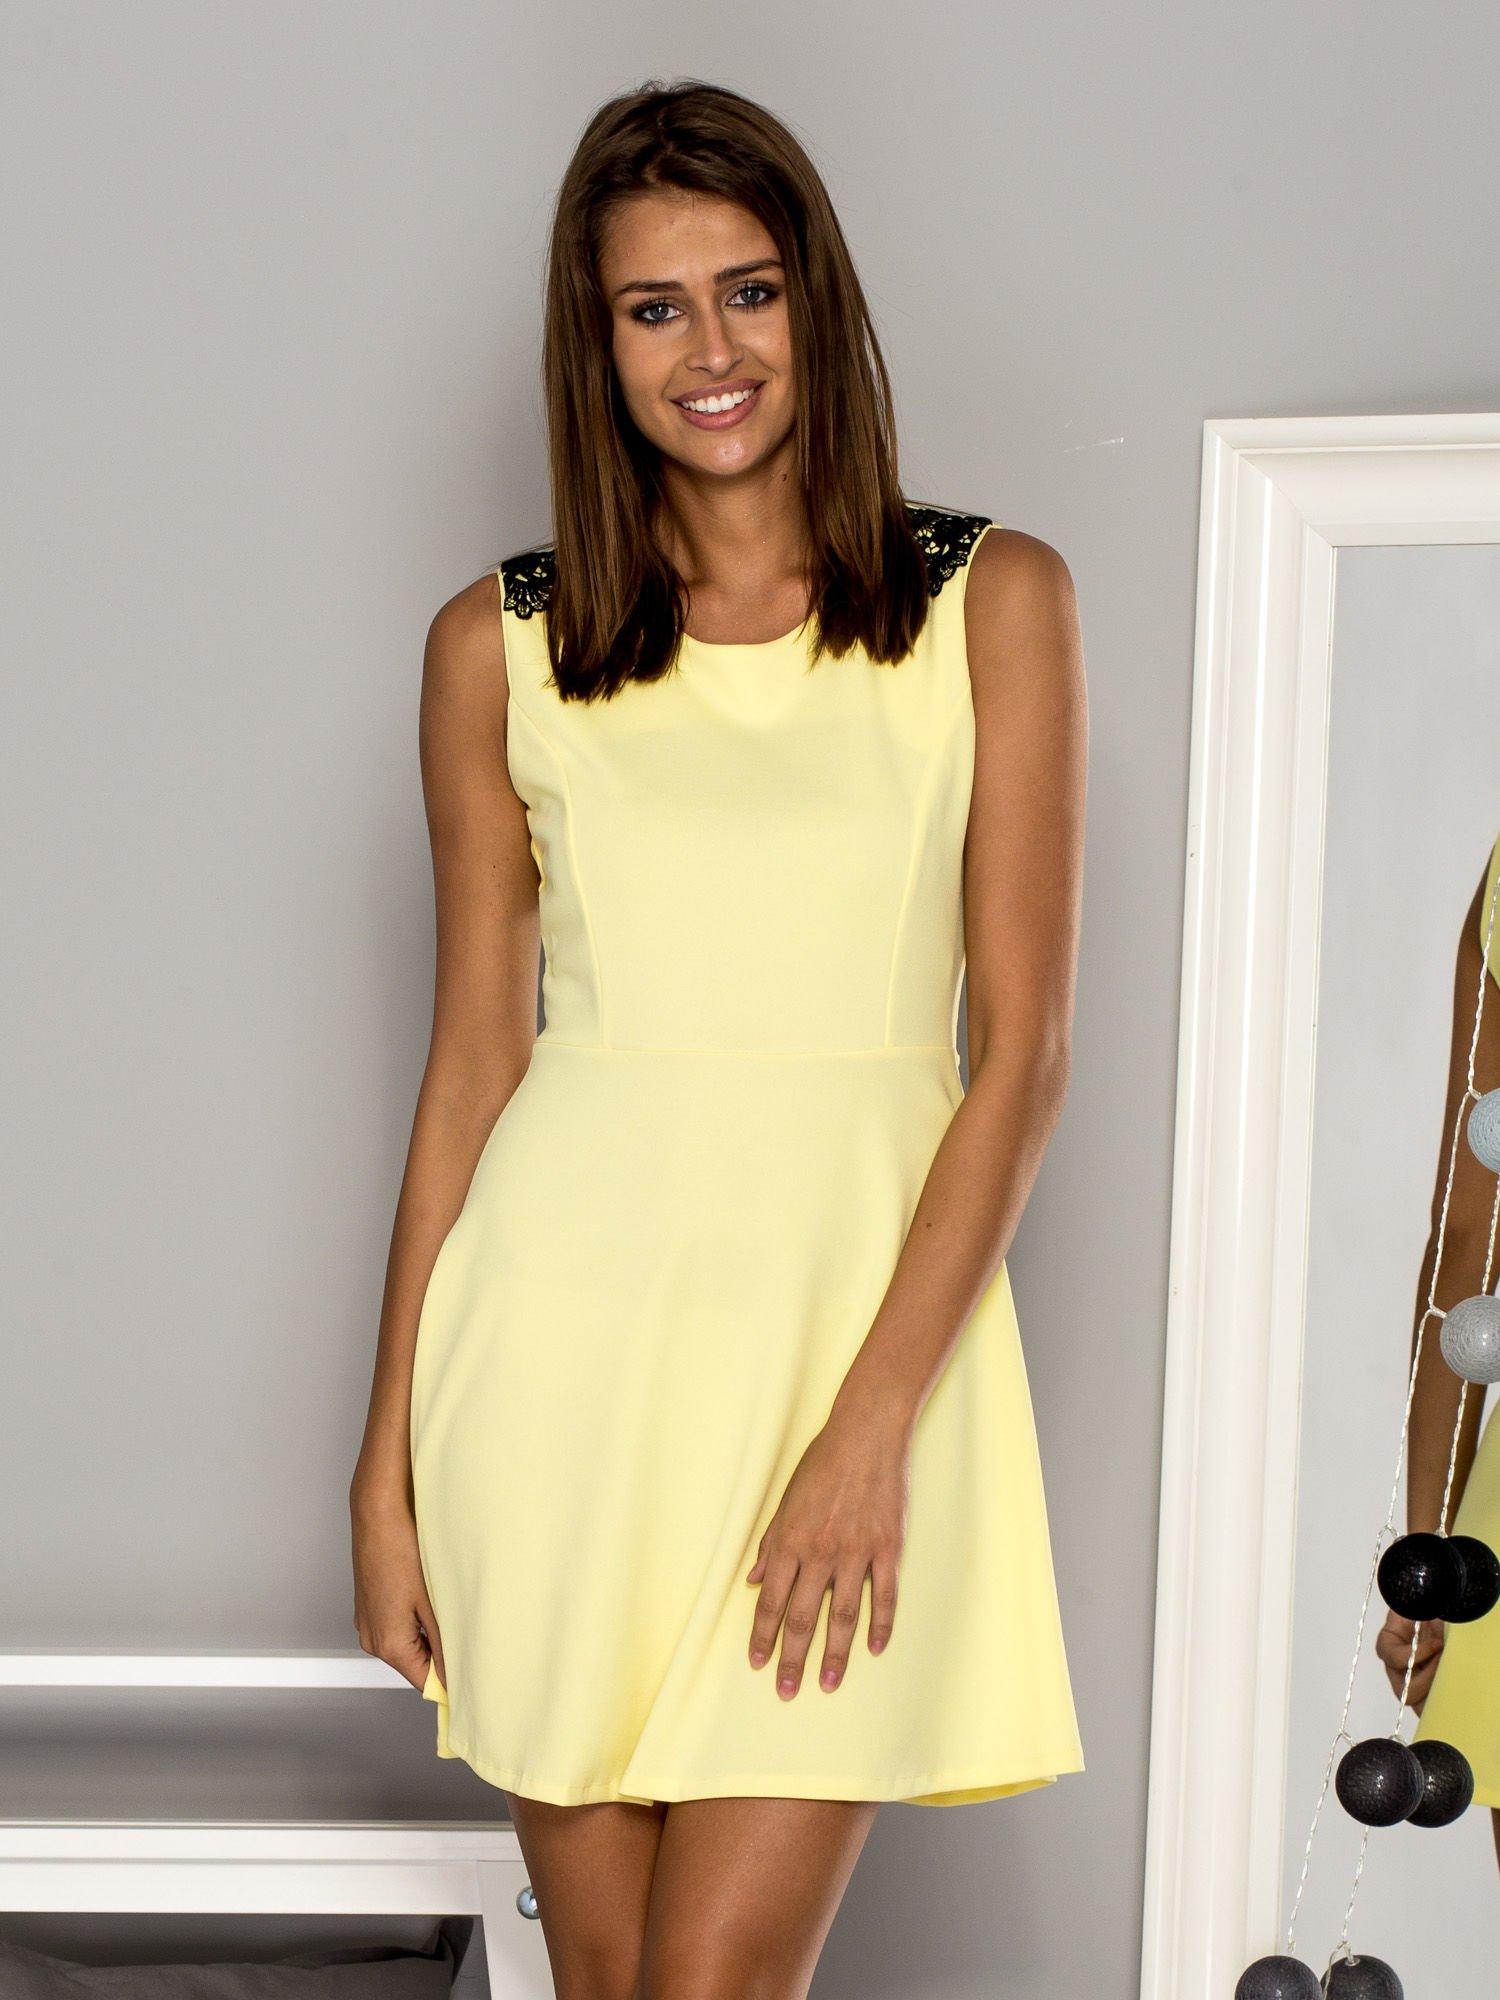 09c0501355 Żółta sukienka koktajlowa z koronkowymi wstawkami - Sukienka koktajlowa -  sklep eButik.pl